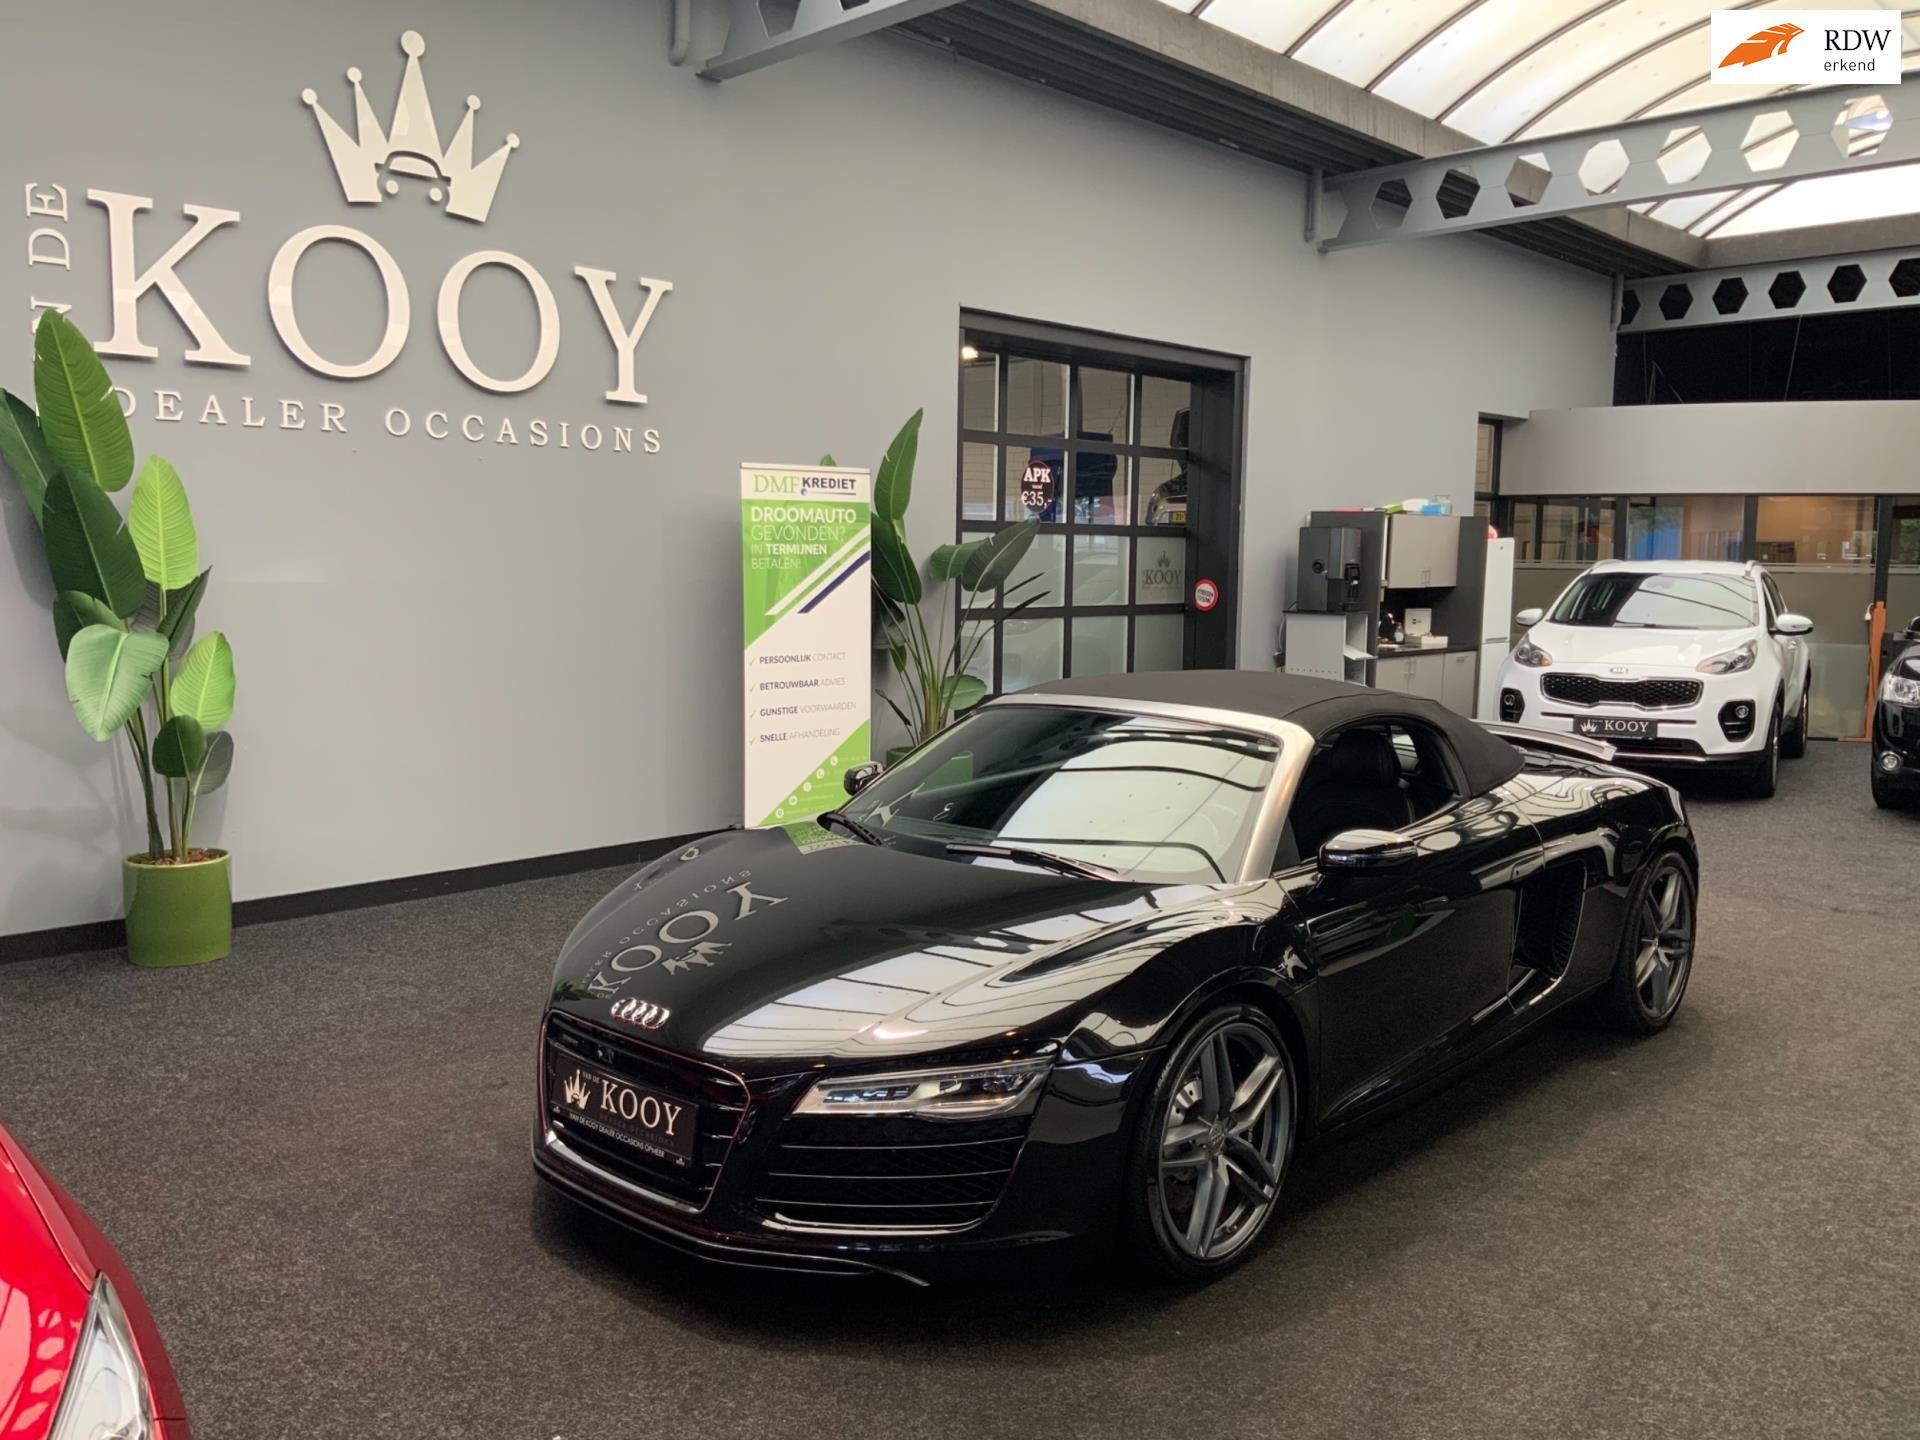 Audi R8 occasion - Van De Kooy Dealer Occasions Opmeer